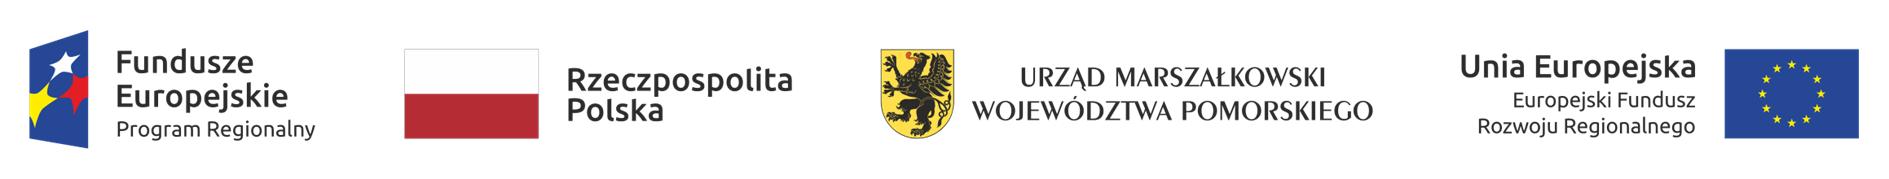 znaki promocyjne : Fundusze Europejskie, Rzeczpospolita Polska, Urząd Marszałkowski Województwa Pomorskiego, Unia Europejska